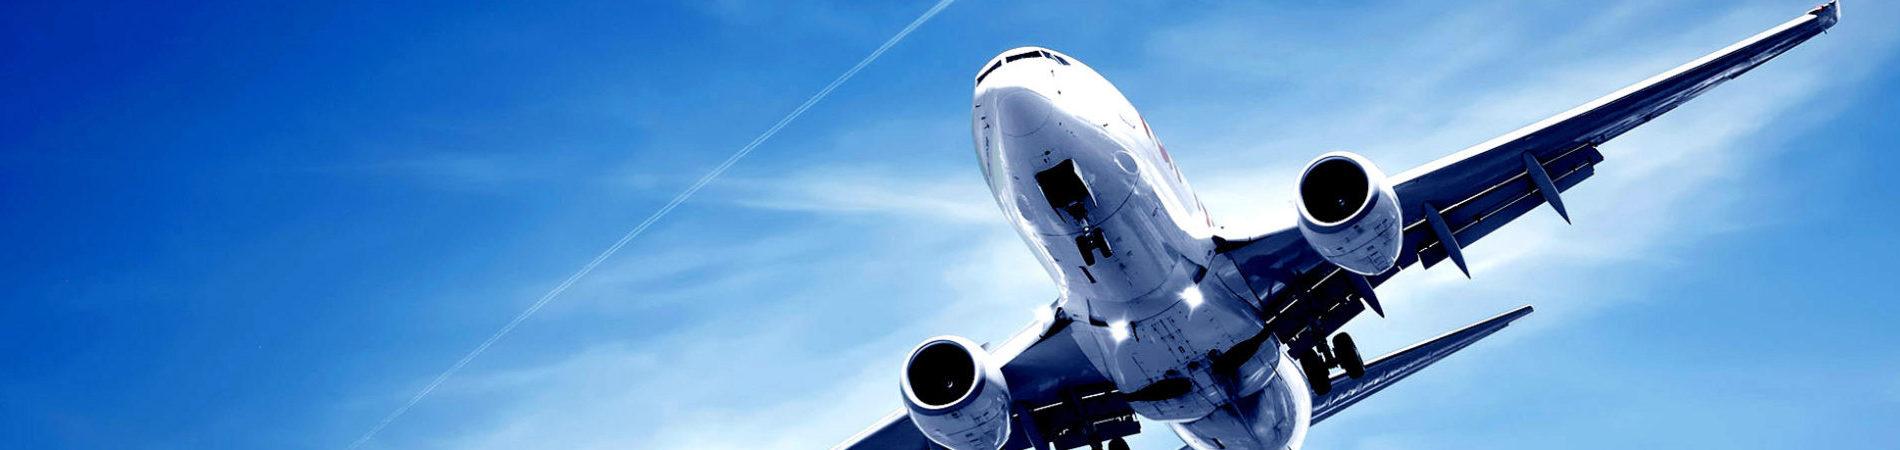 majorca shuttle transfer